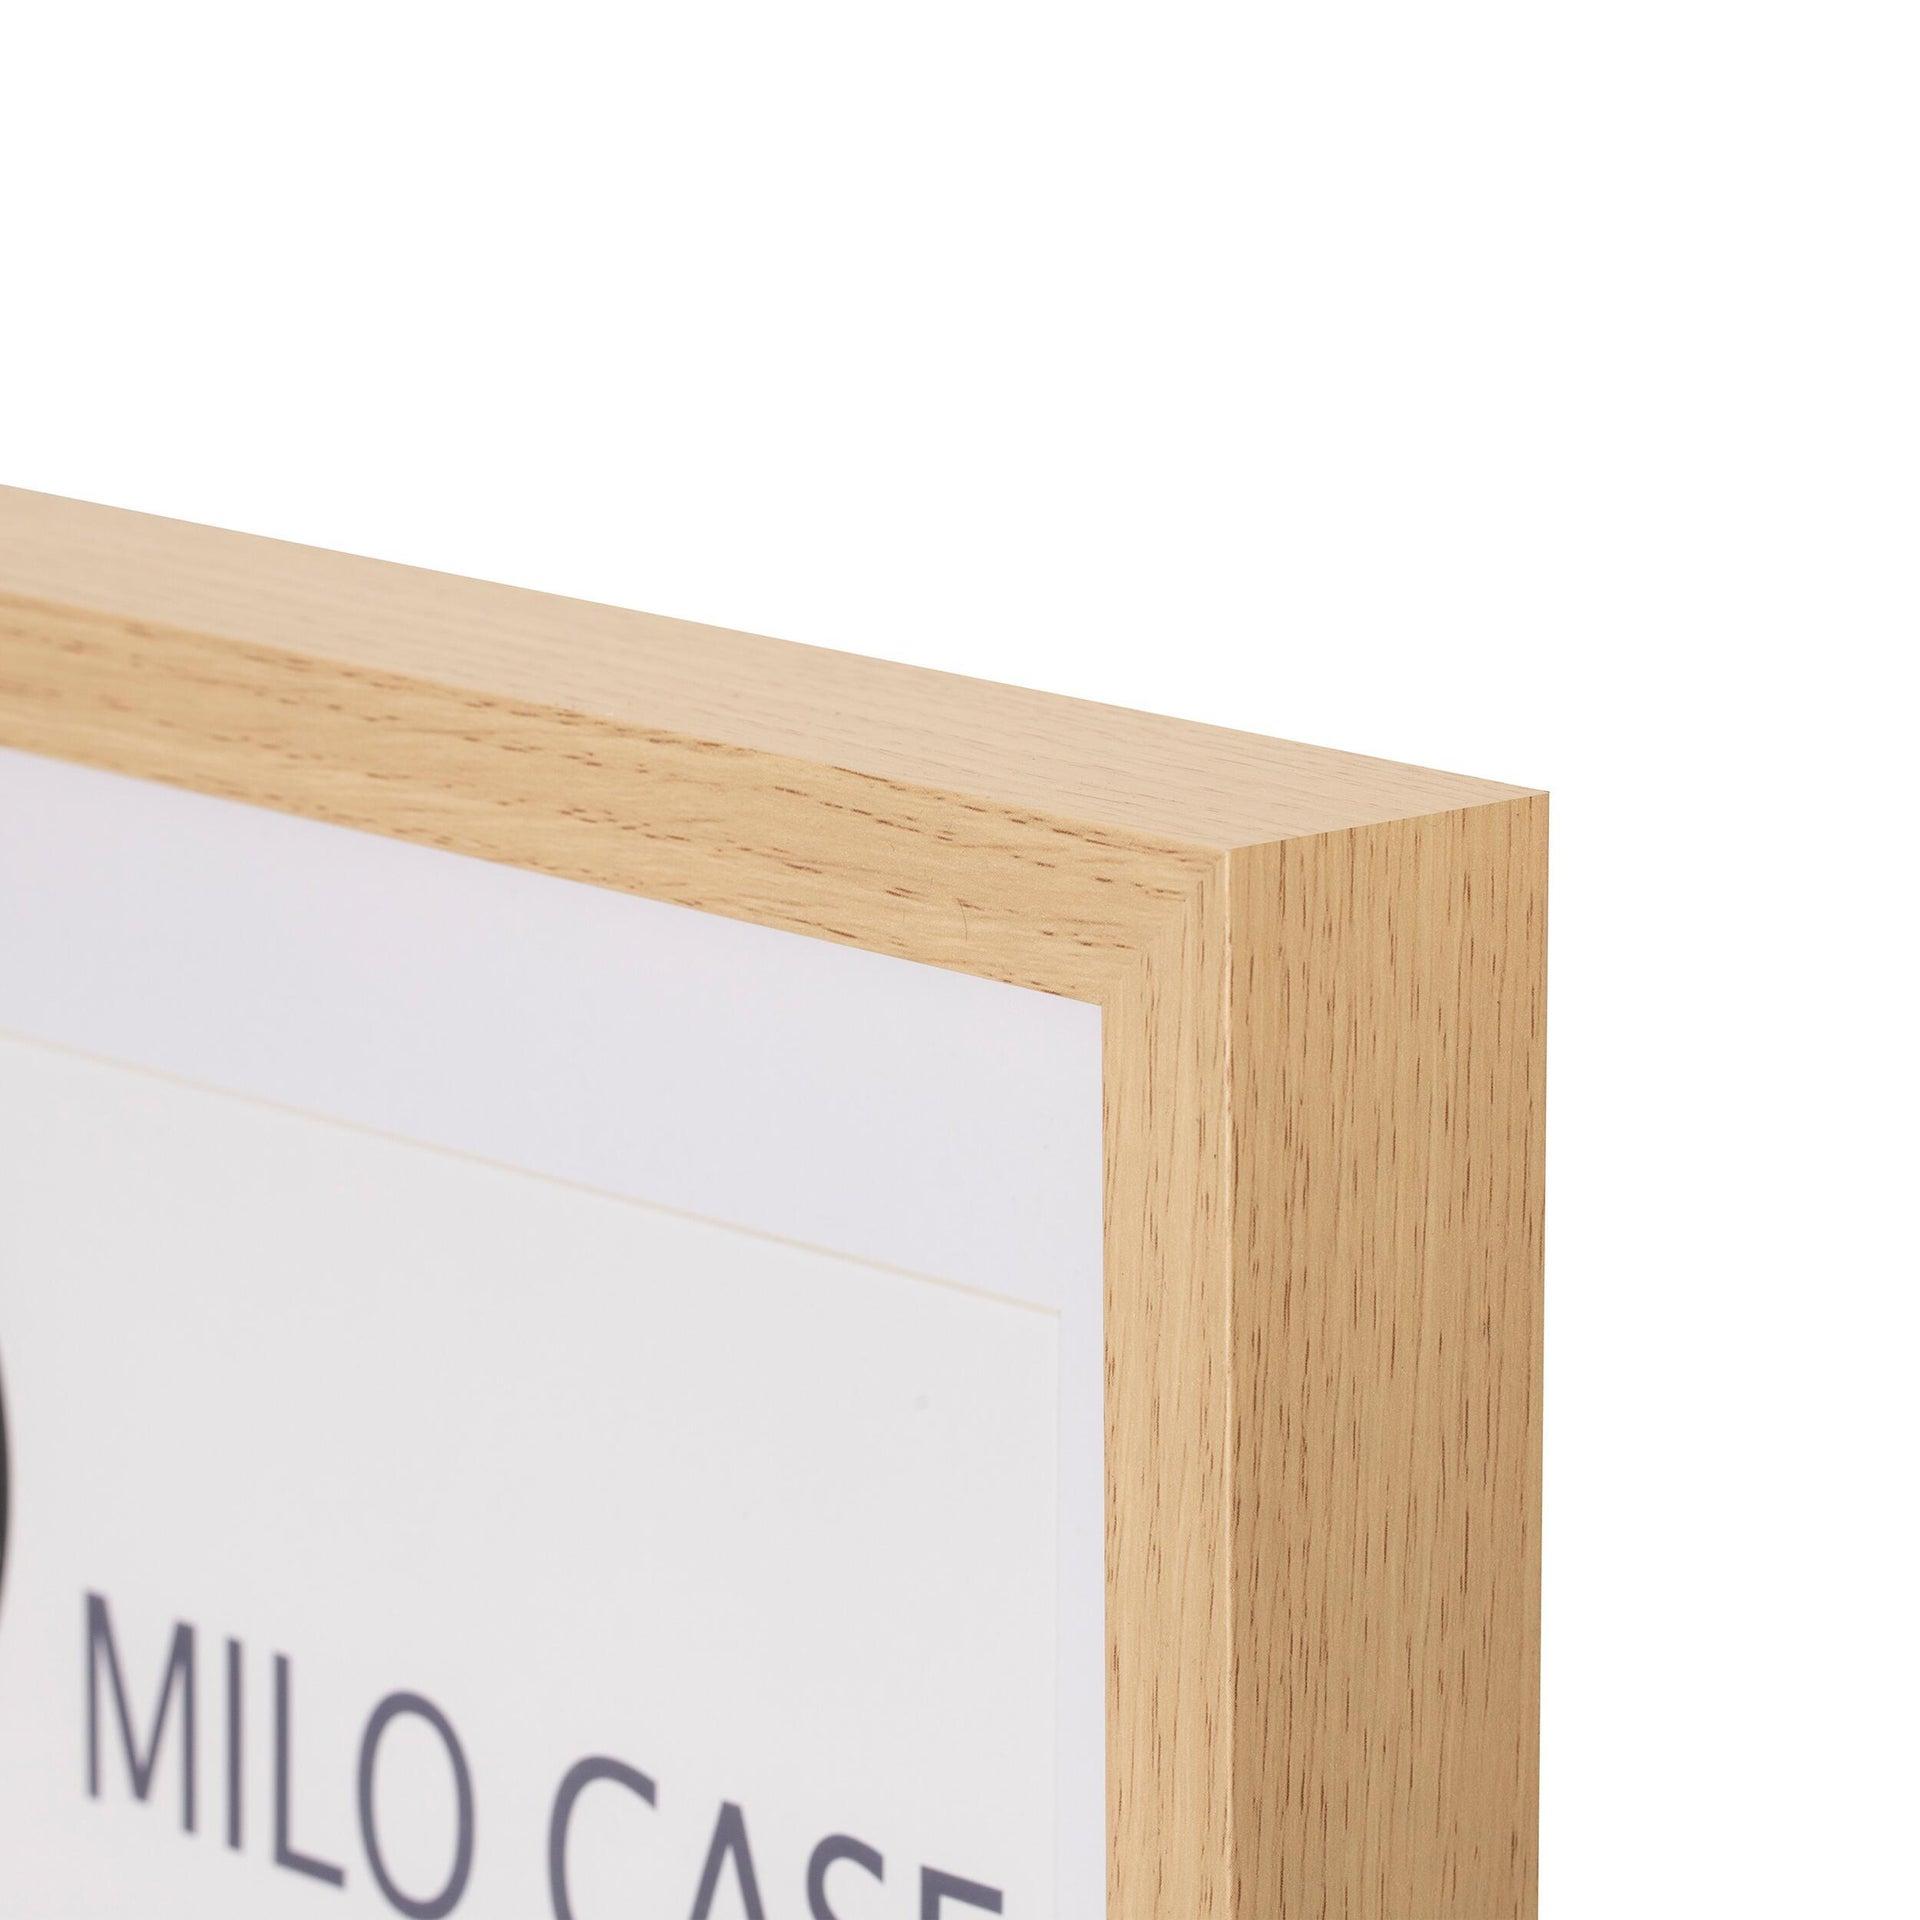 Cornice con passe-partout Inspire milo rovere 40x50 cm - 2